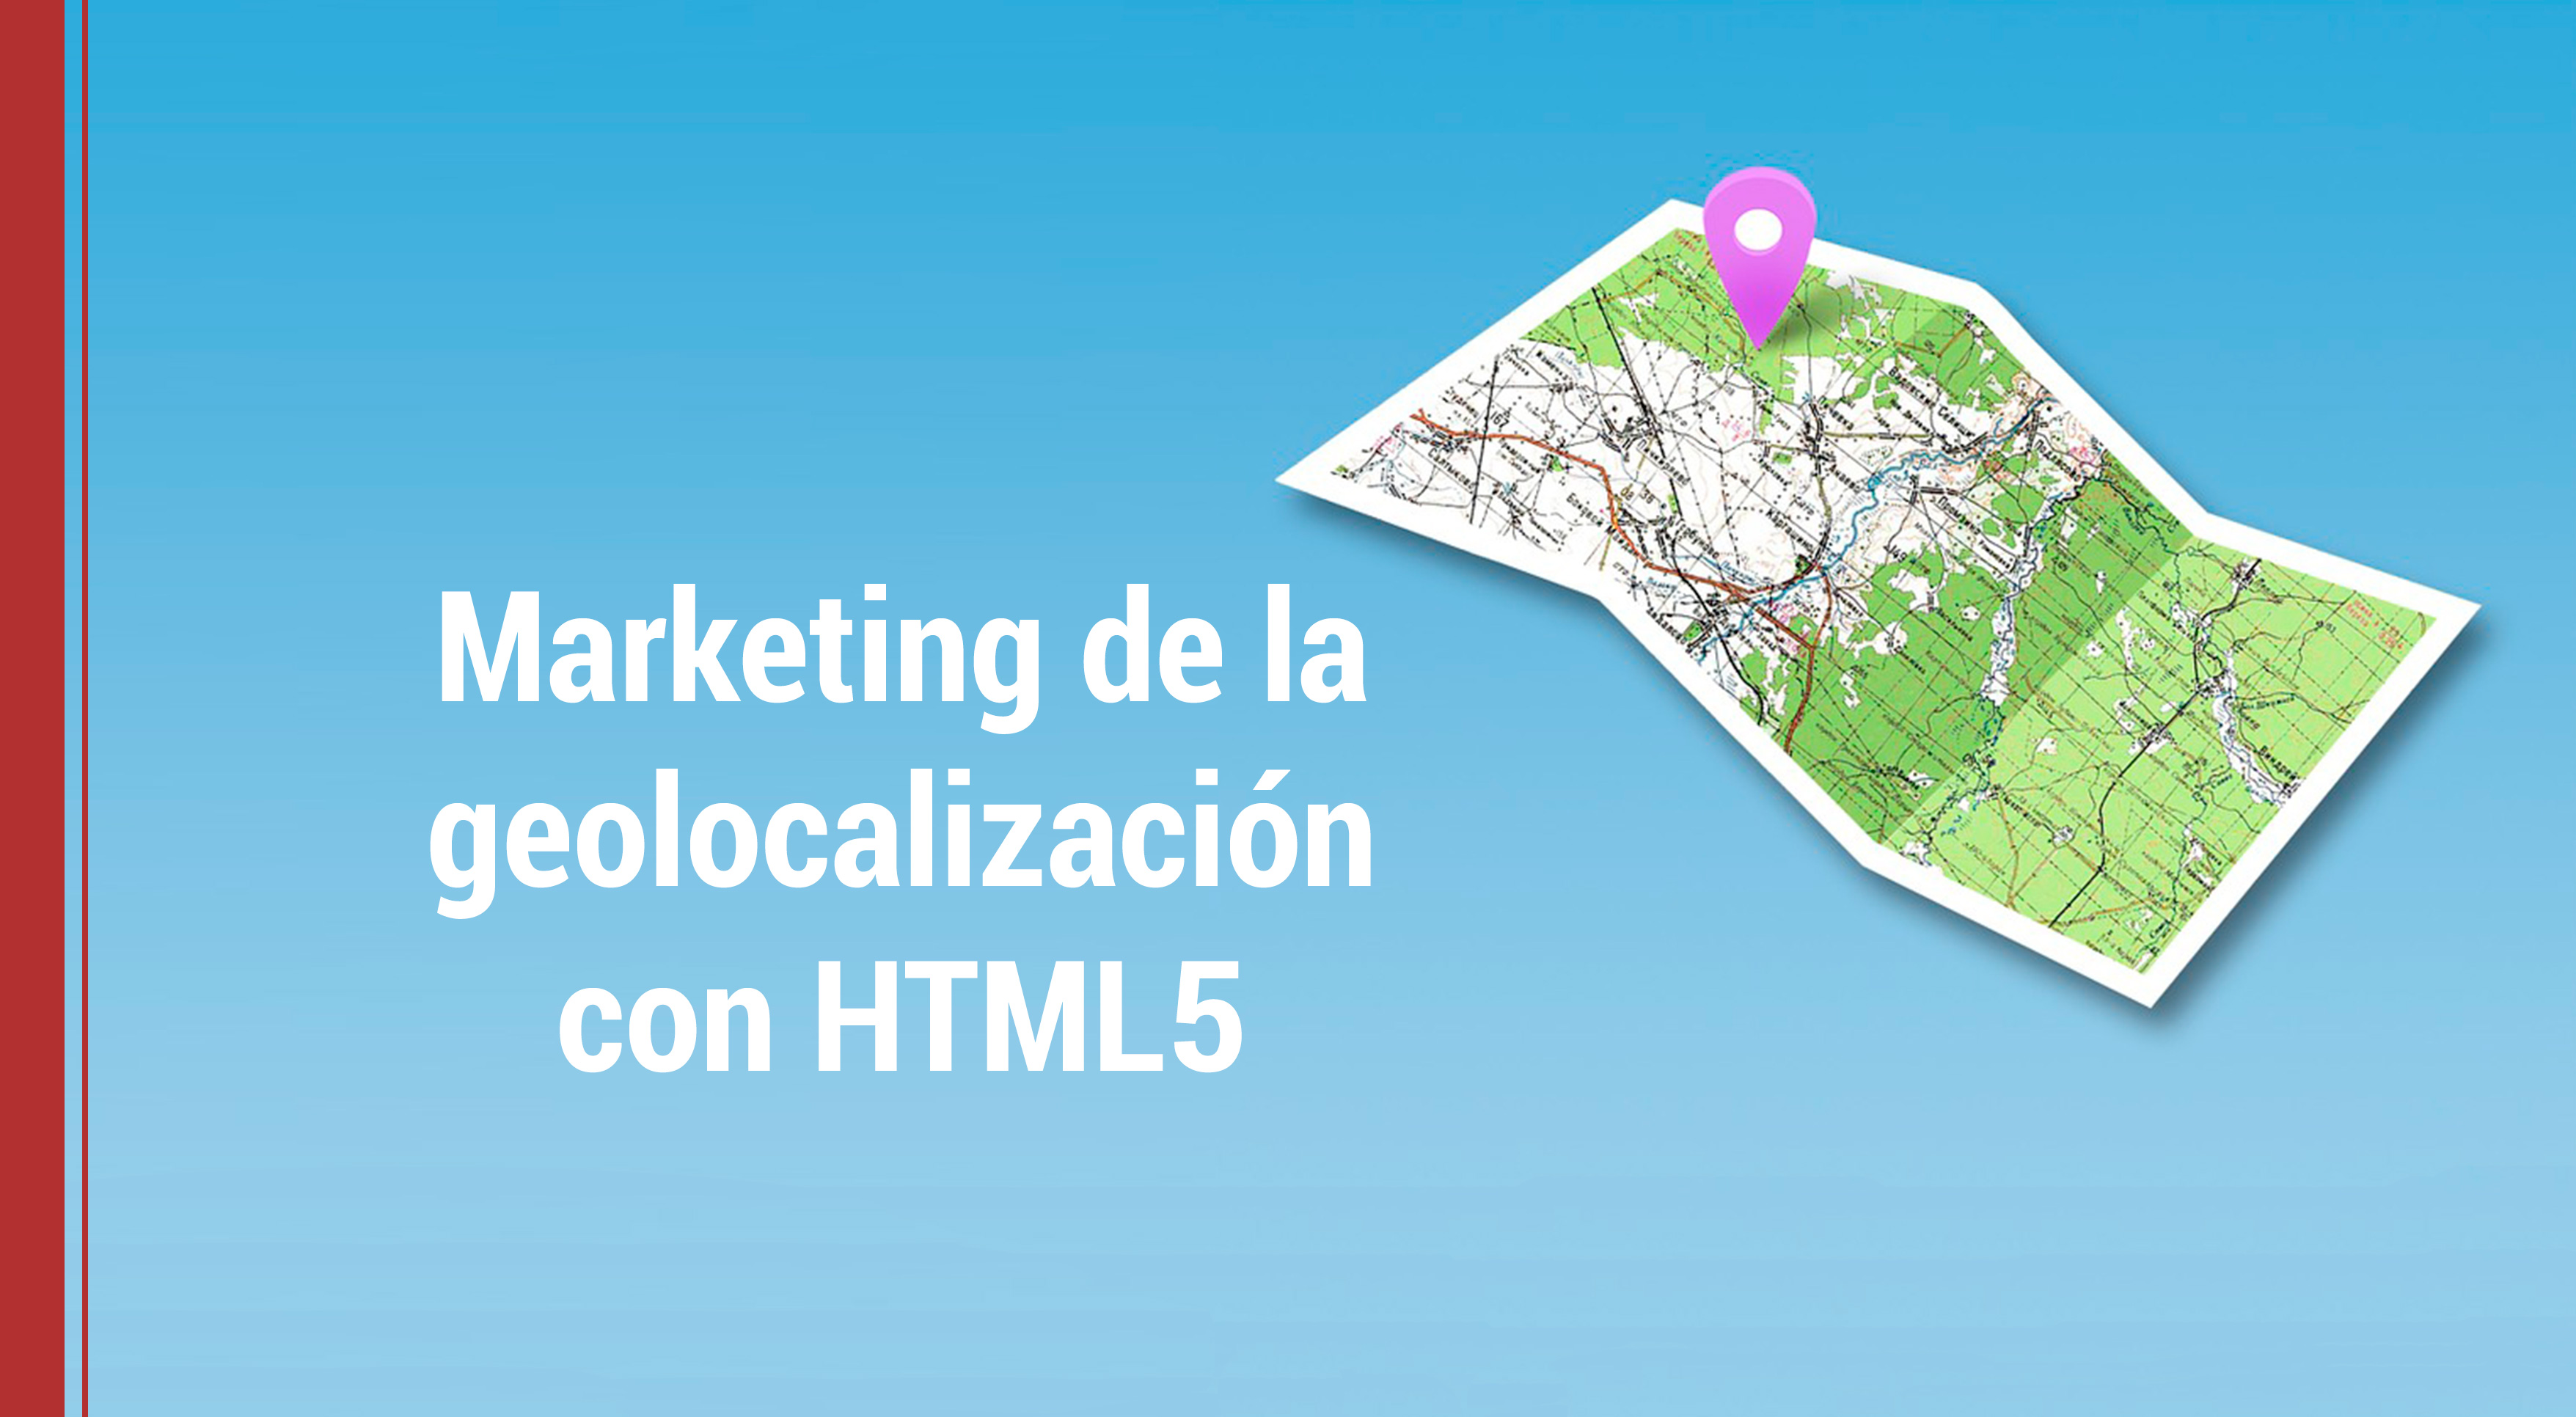 ventajas del marketing de geolocalizacion